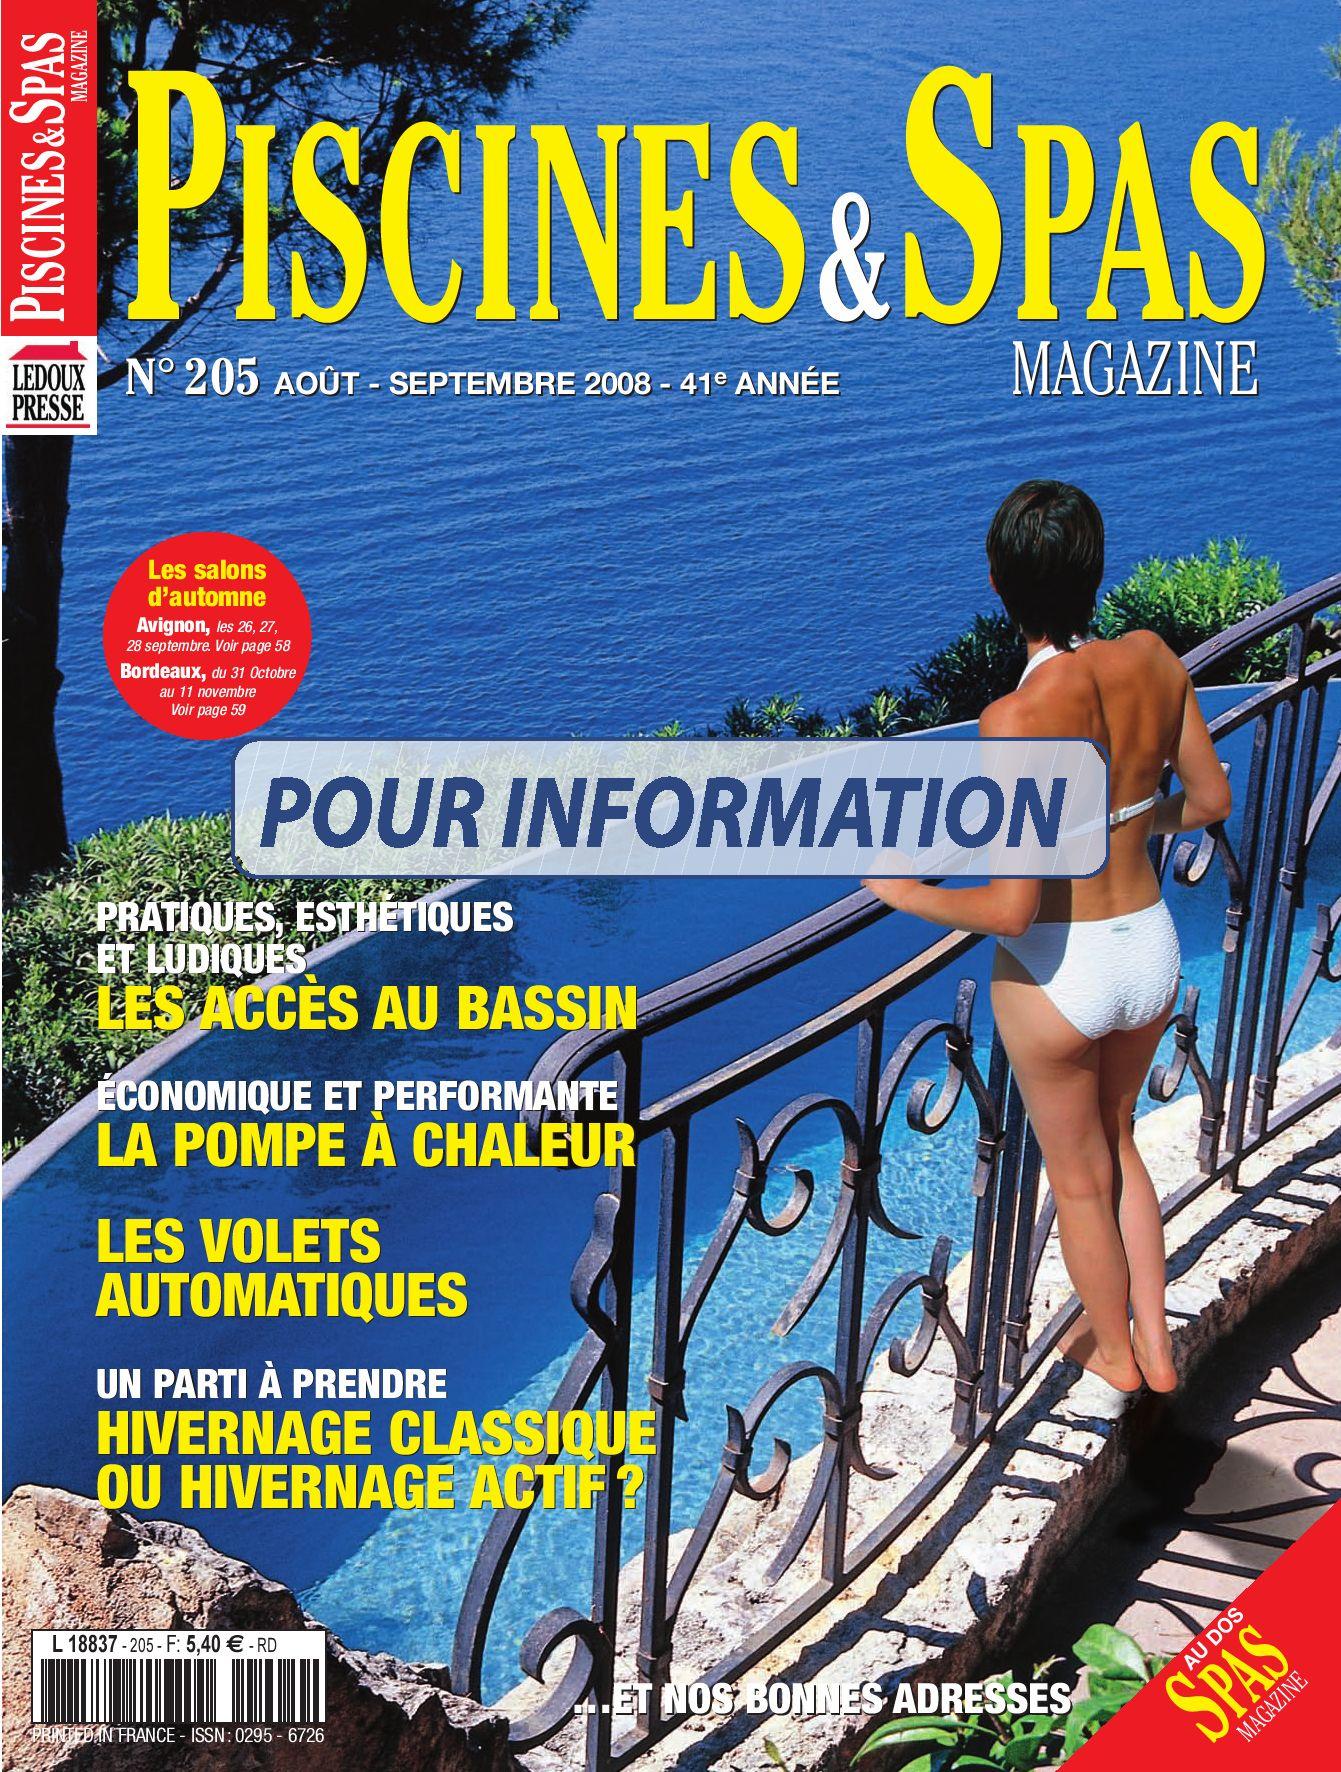 Piscines & Spas Magazine - N°205 By Ledoux Christian - Issuu pour Musique Pub Diffazur